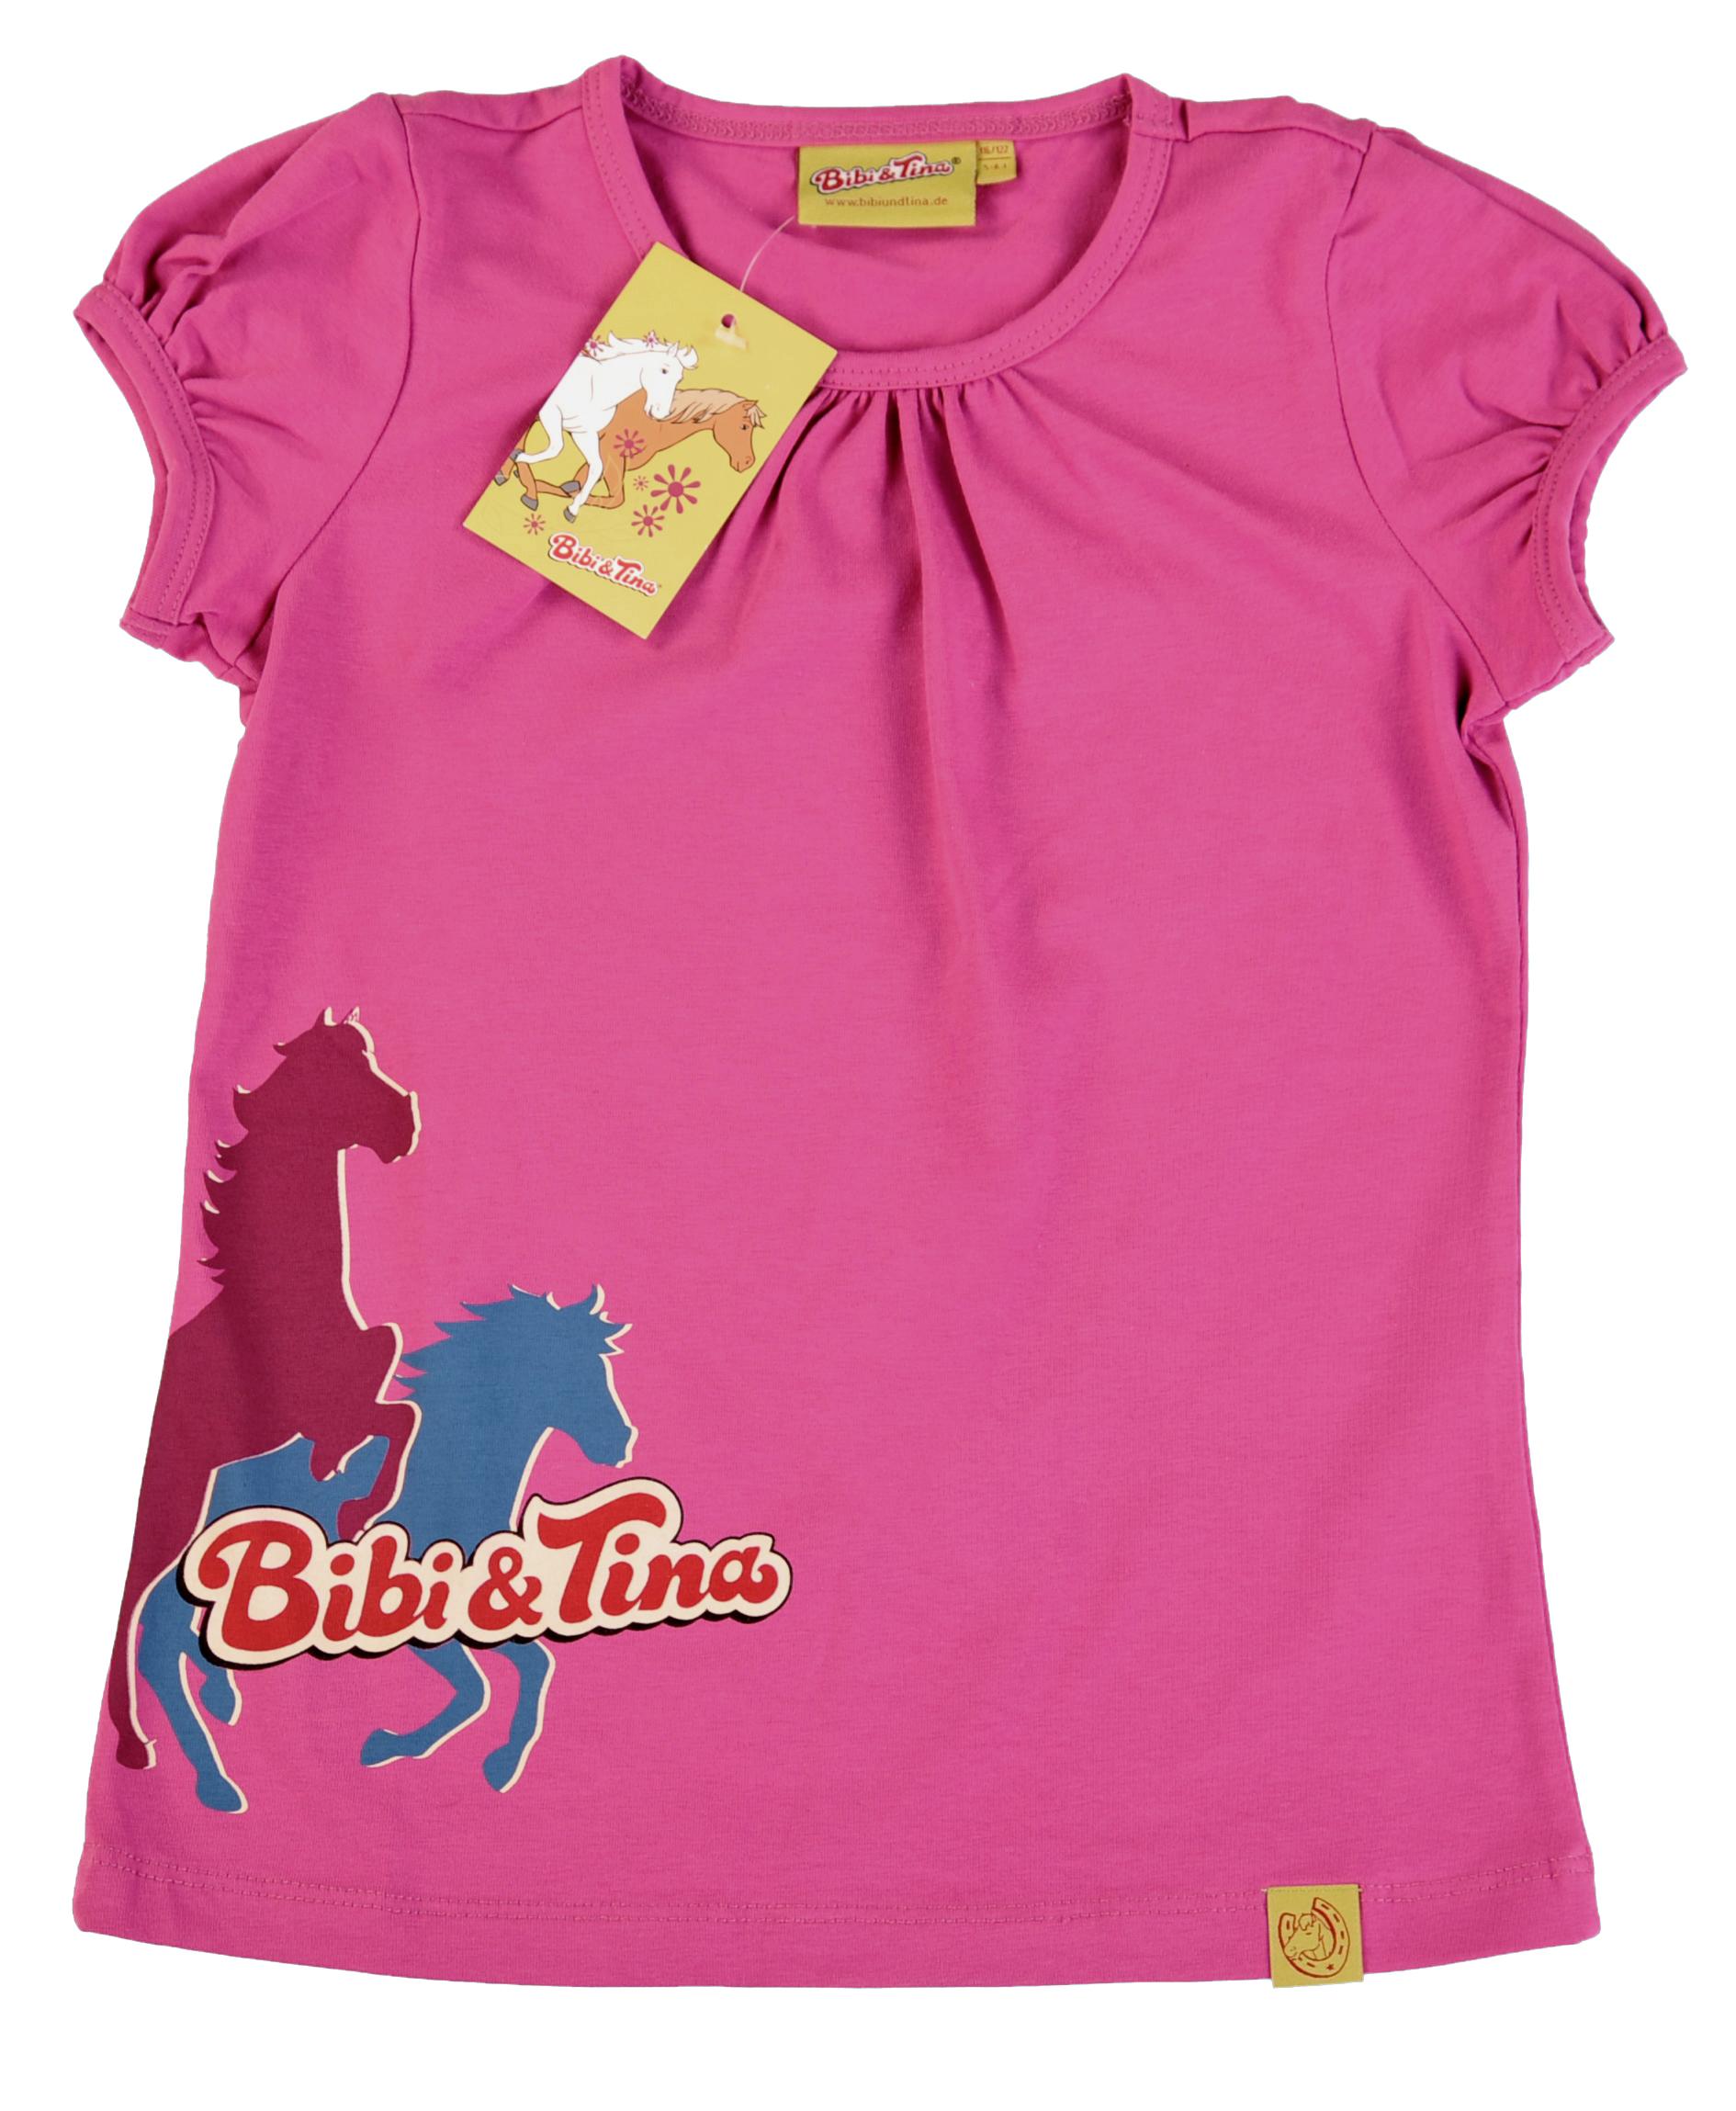 Bibi & Tina: Girlie Shirt